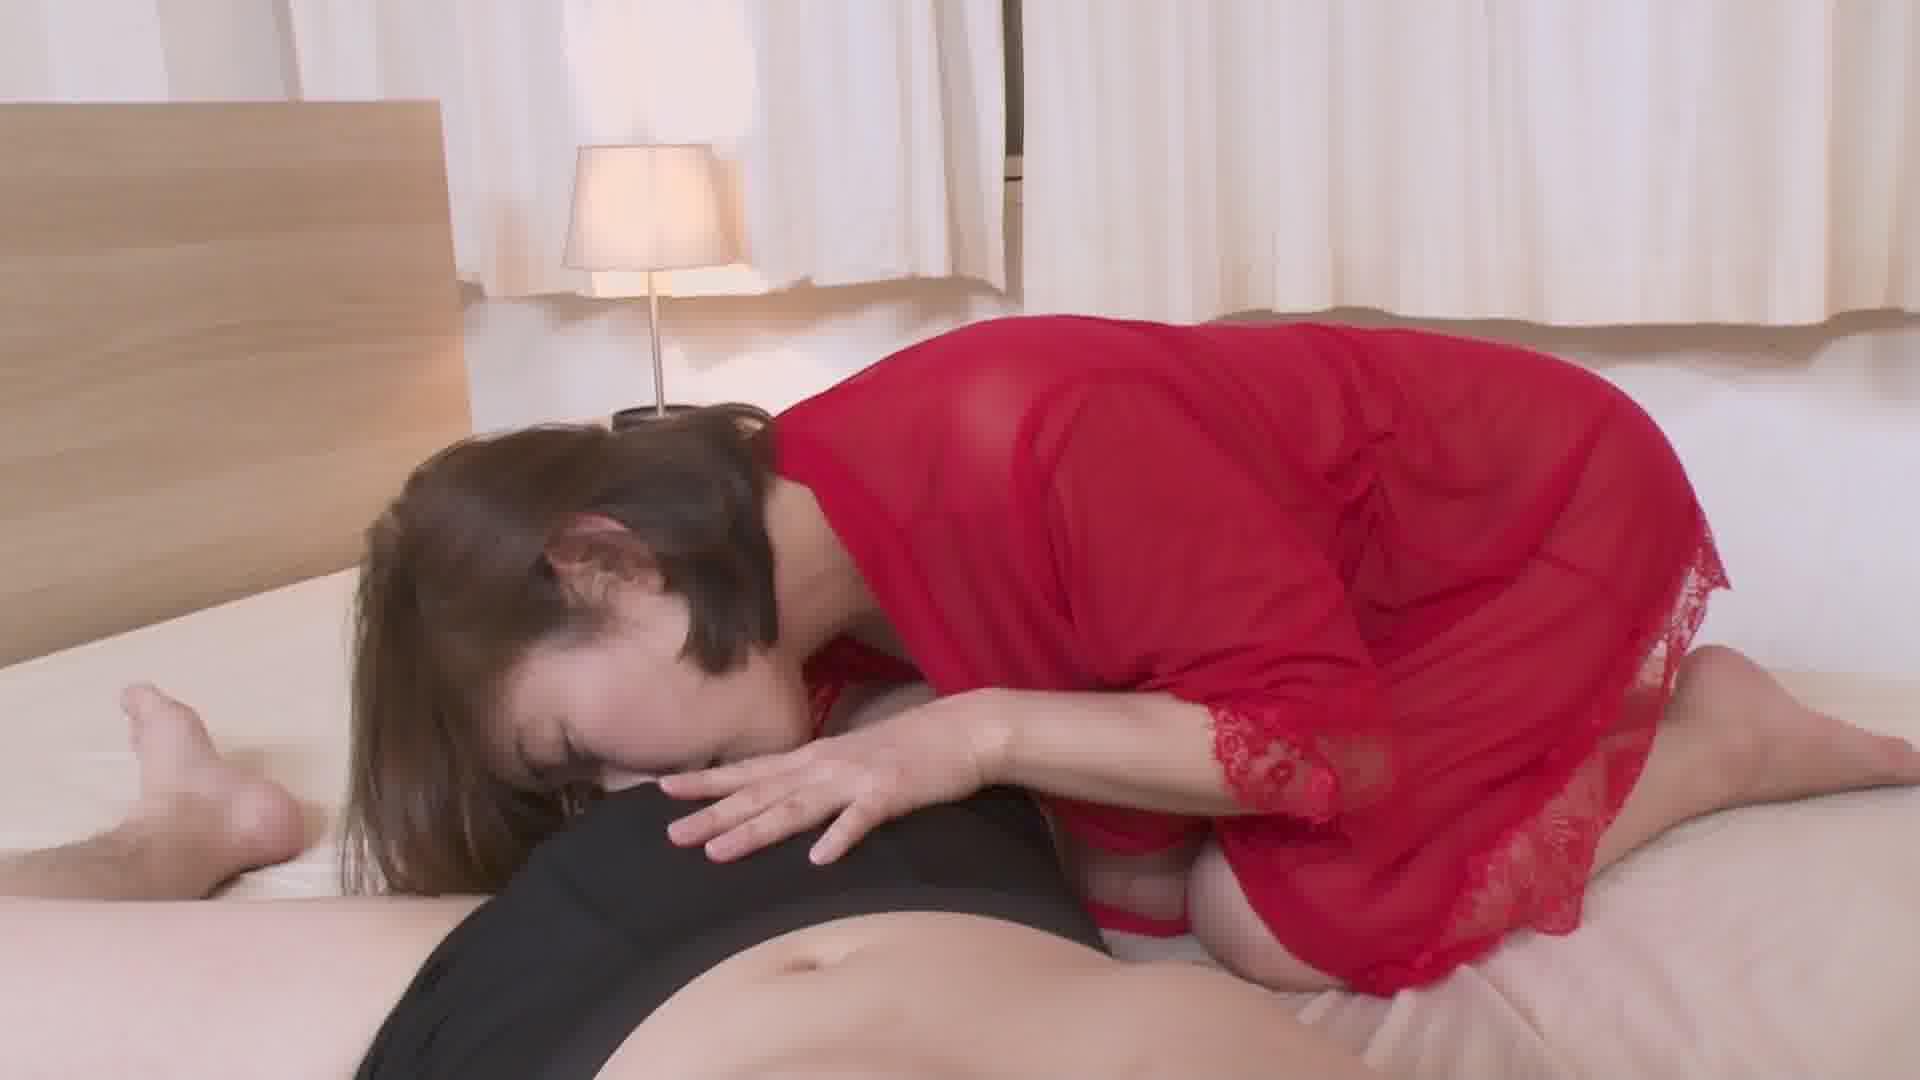 世界で一番ぶっかけ精子の温かさに滾る女 - HITOMI【痴女・乱交・中出し】